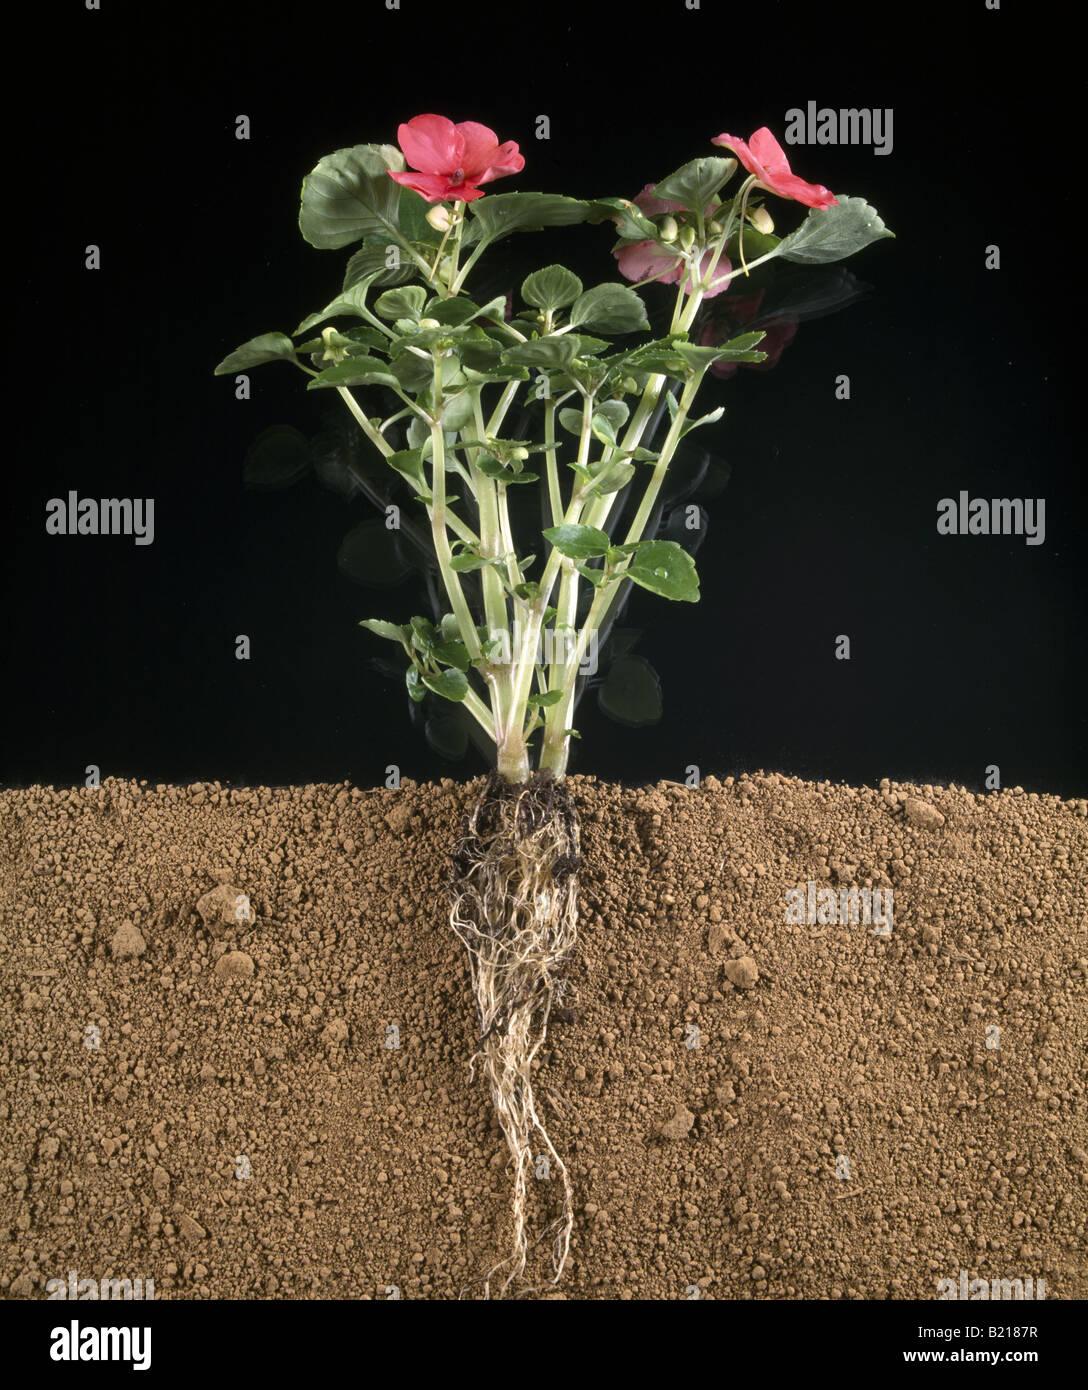 Impatiens Impatiens Sp Shows Roots Stem Leaves And Flowers